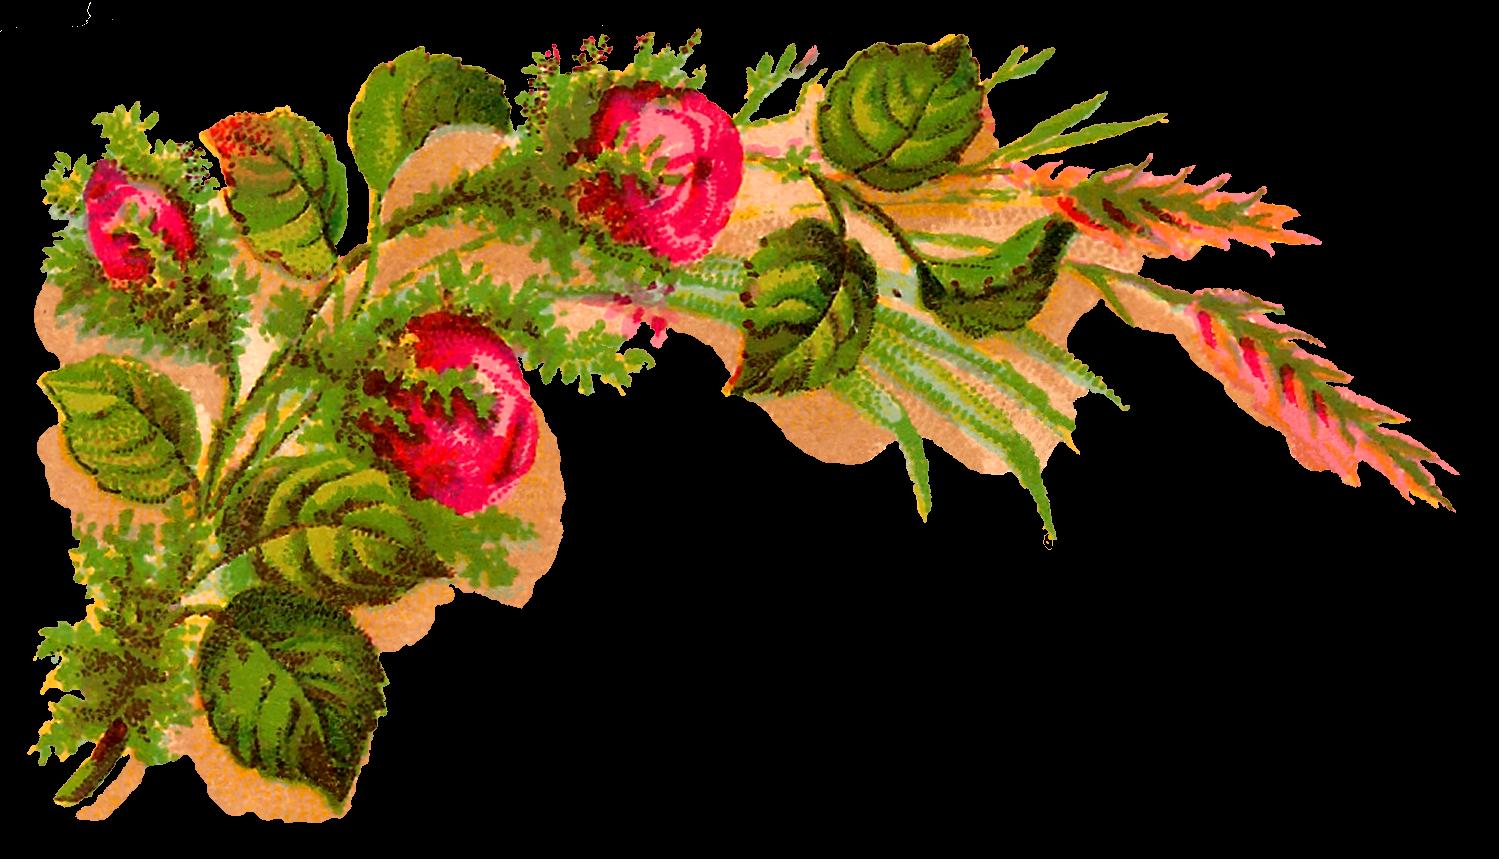 Antique Images Digital Decorative Flower Corner Download